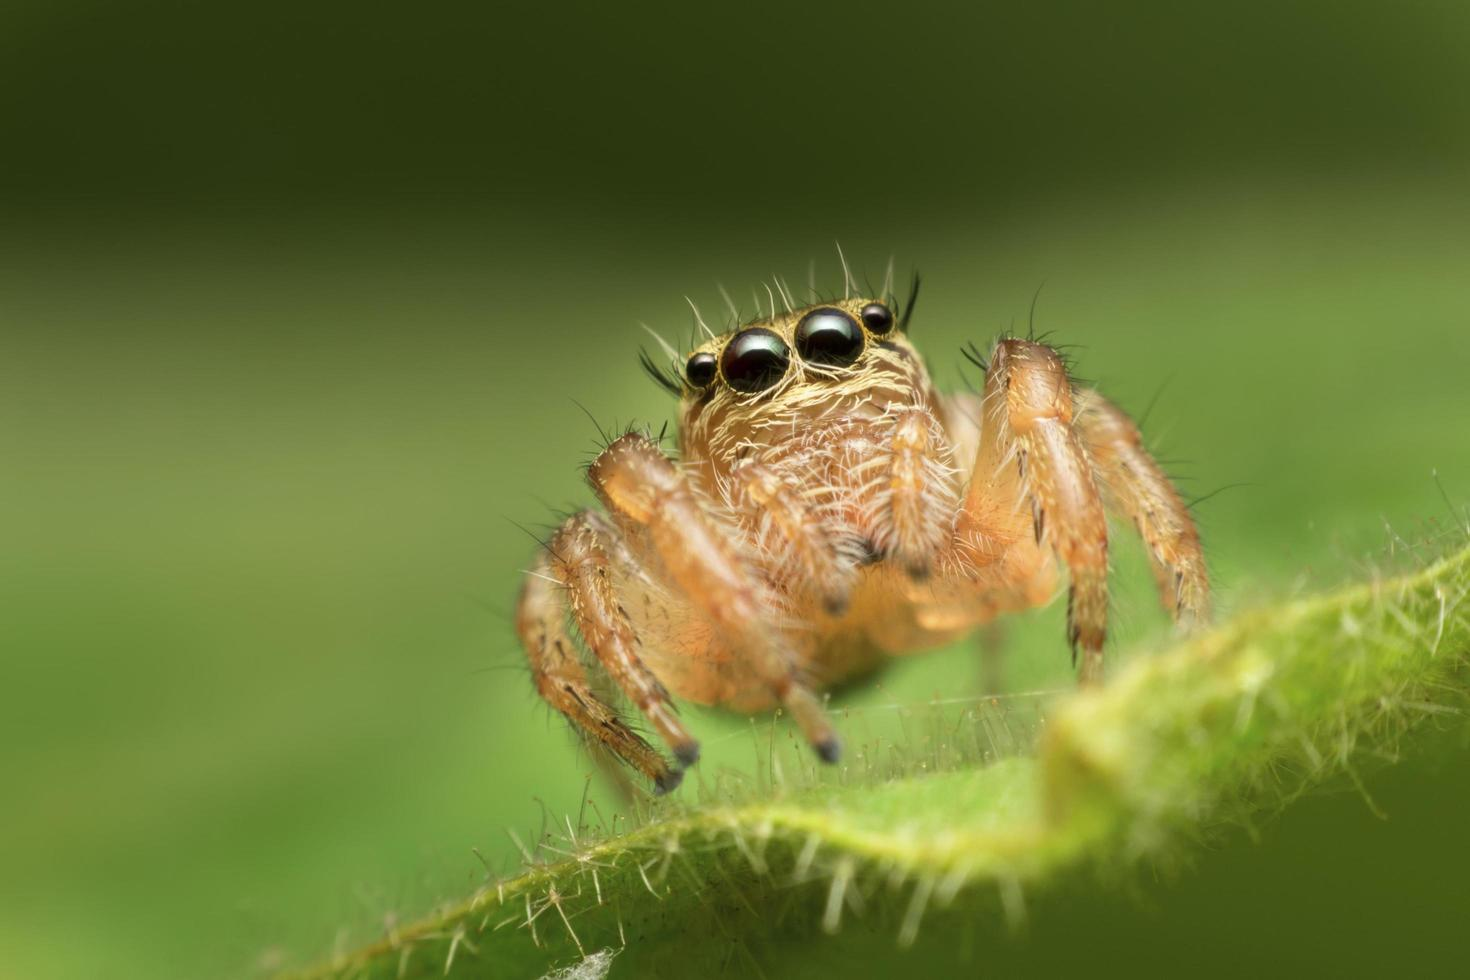 primo piano a macroistruzione del ragno di salto foto